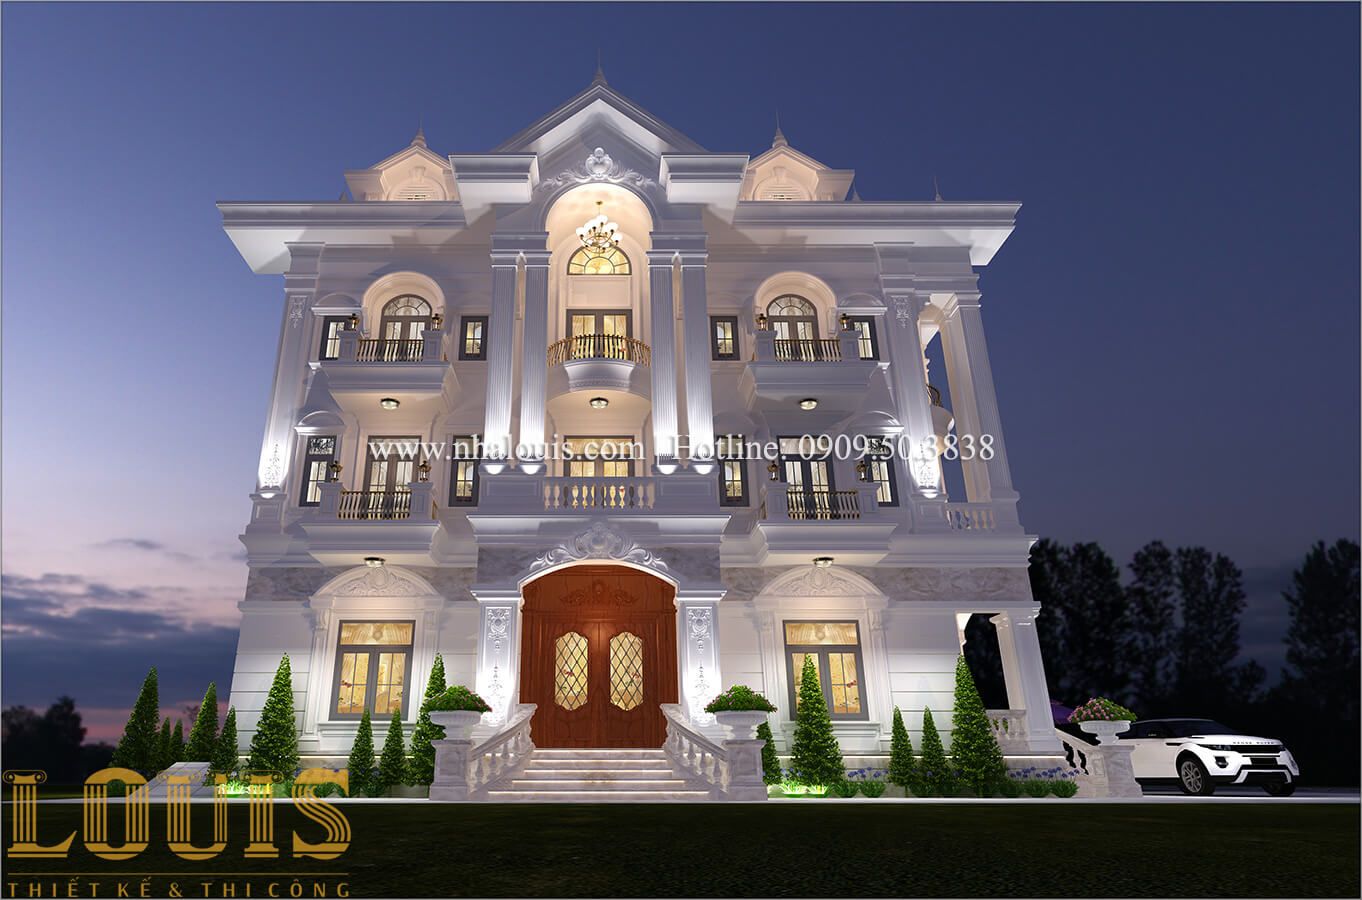 Mặt tiền Thiết kế biệt thự 9x15m cổ điển sang trọng tại Thanh Hóa